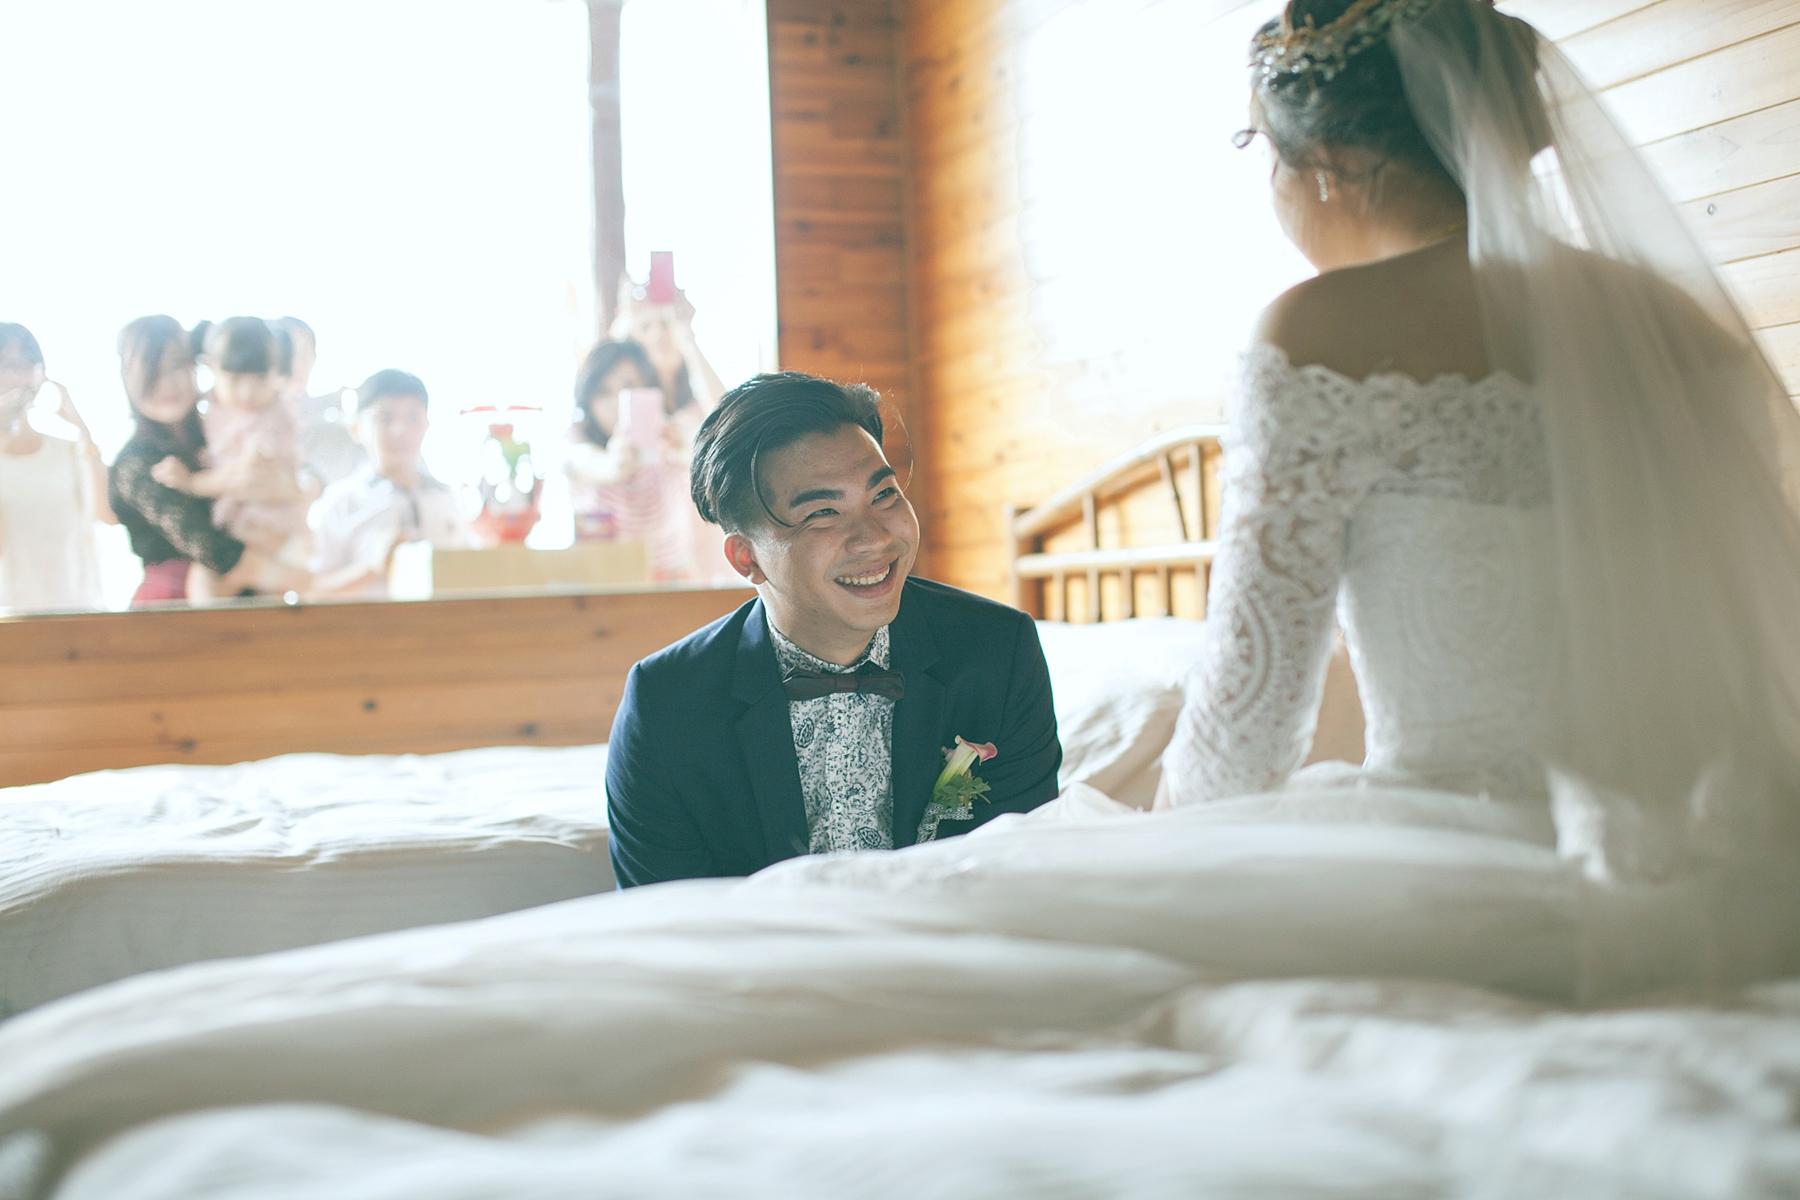 【婚禮攝影 高雄】懷毅 & 于珊 | 山水炎民宿 底片風格